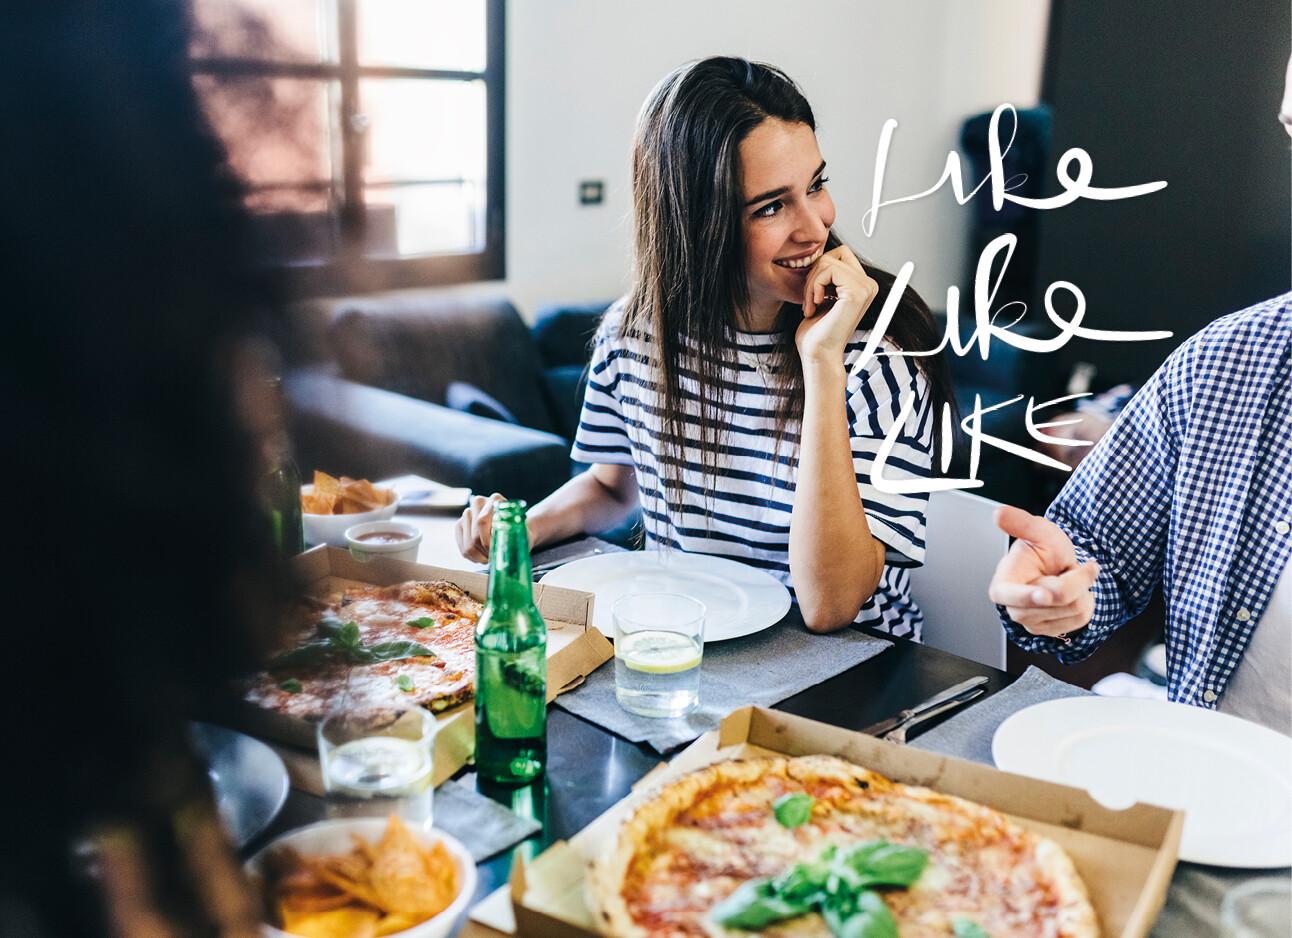 vrouw pizza eten kijkt verliefd naar een man